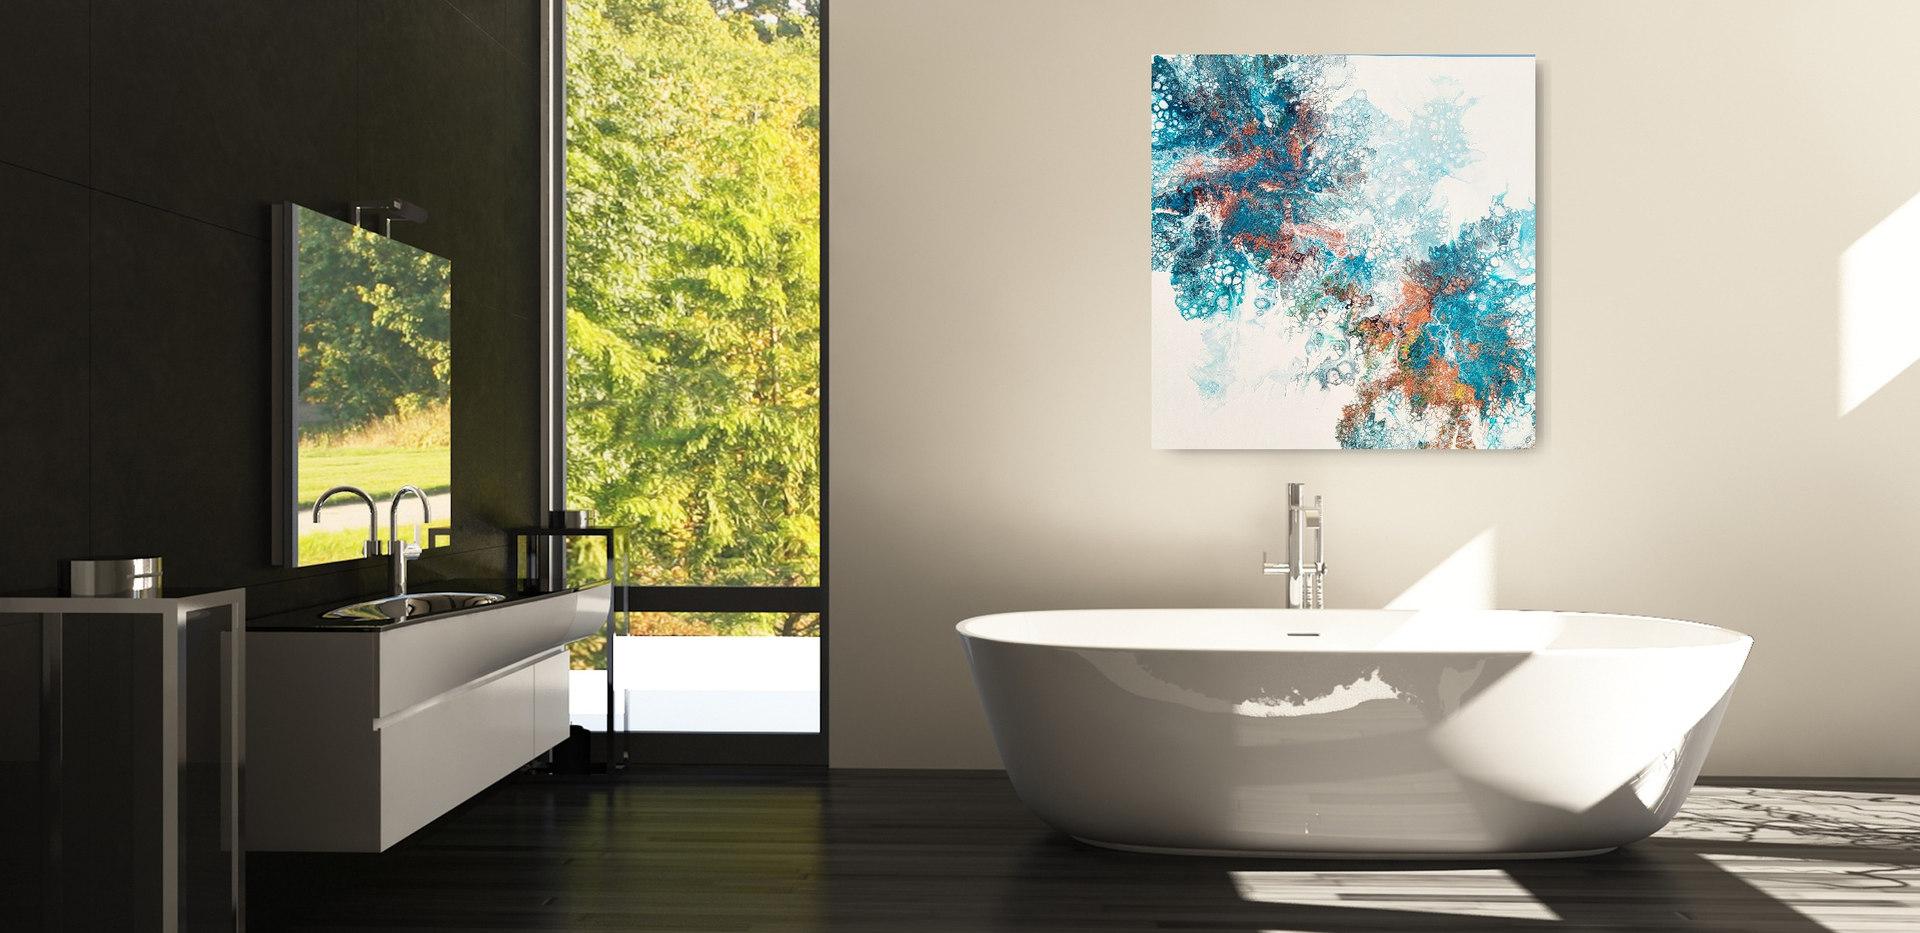 Artrooms20201026212635.jpg